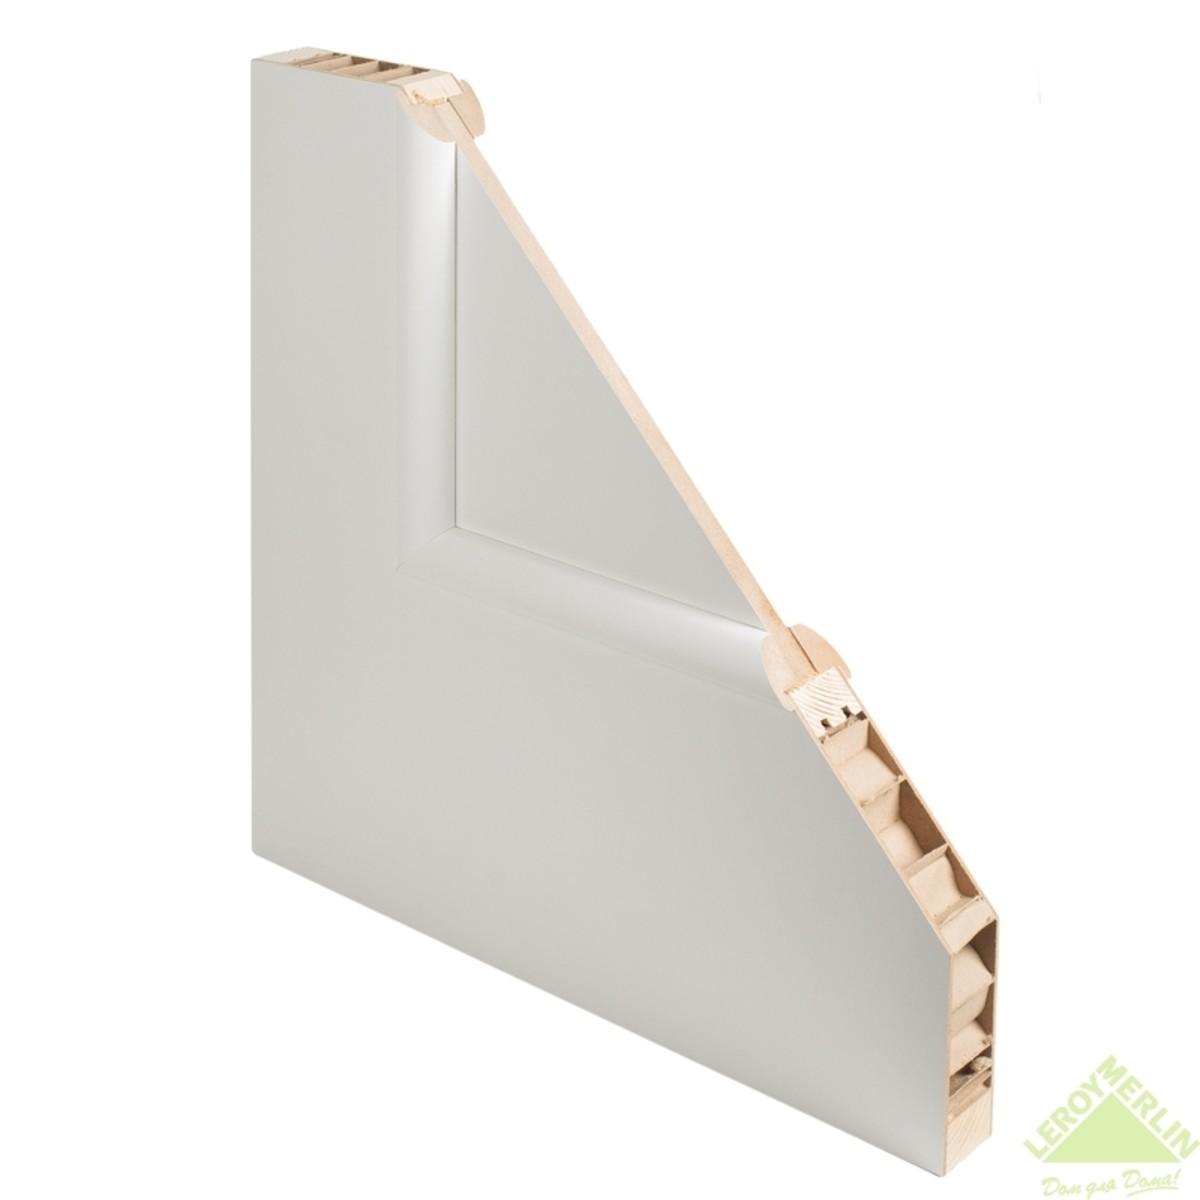 Дверь Межкомнатная Остеклённая Фортунато 819 2Х600x2000 Белый